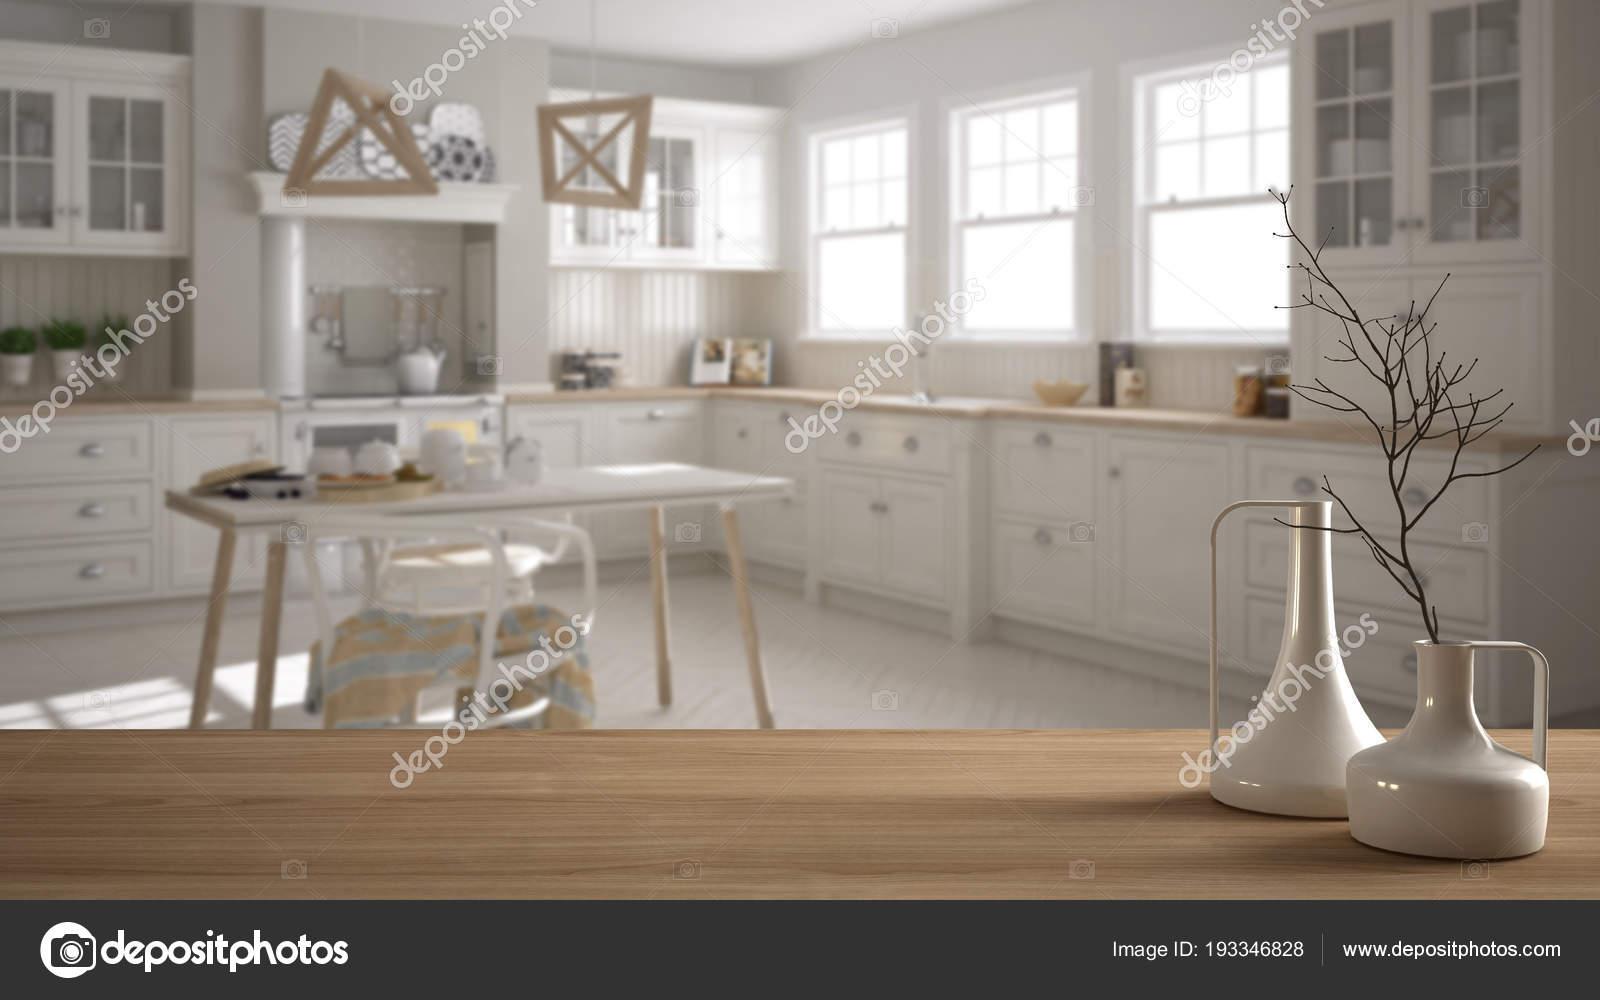 Minimalistisch interieur tafelblad architecture kitchen iii